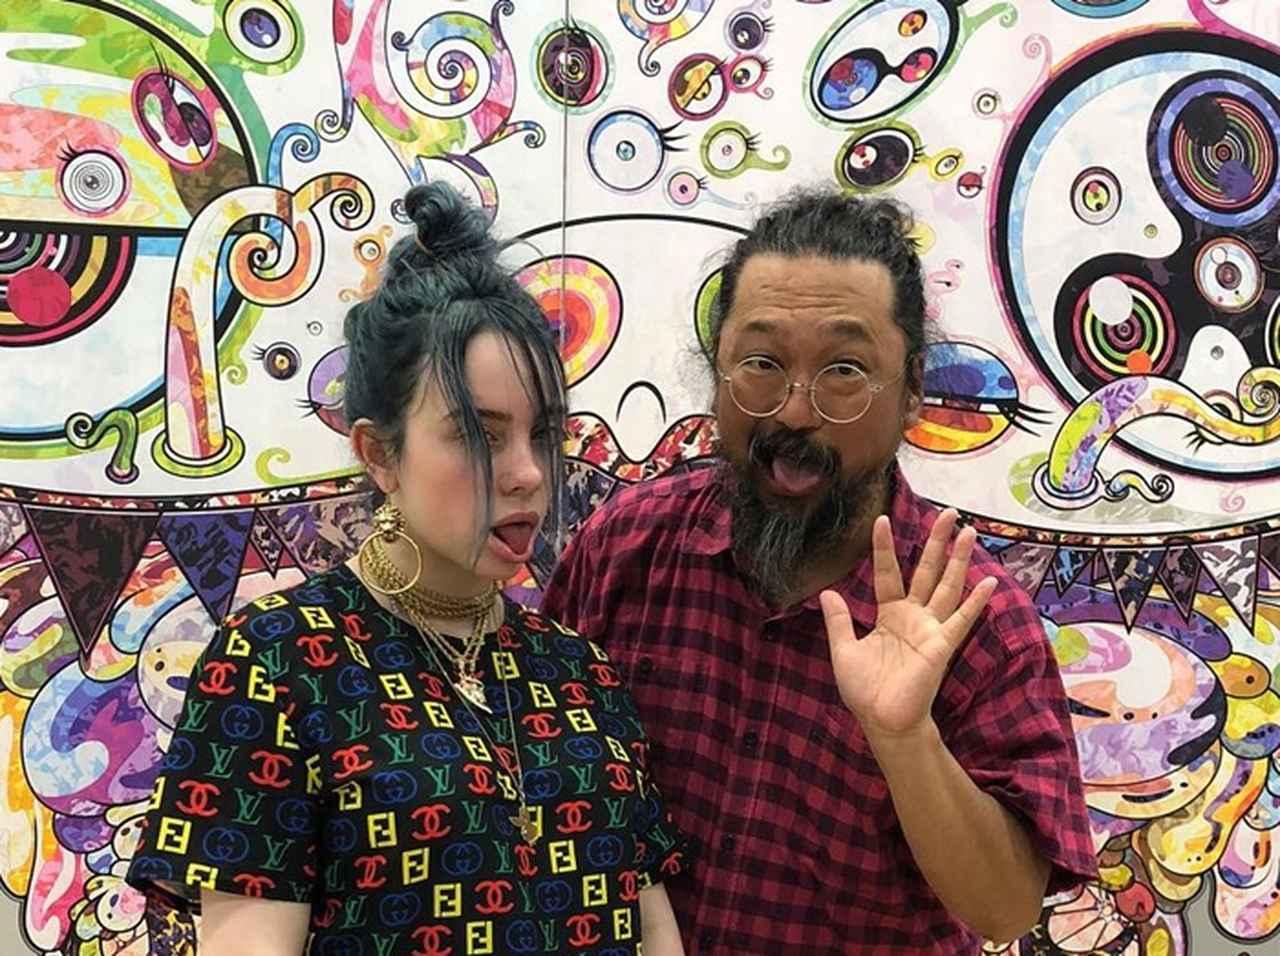 画像1: DJキャレドが日本人アーティストのコレクションの一部を公開